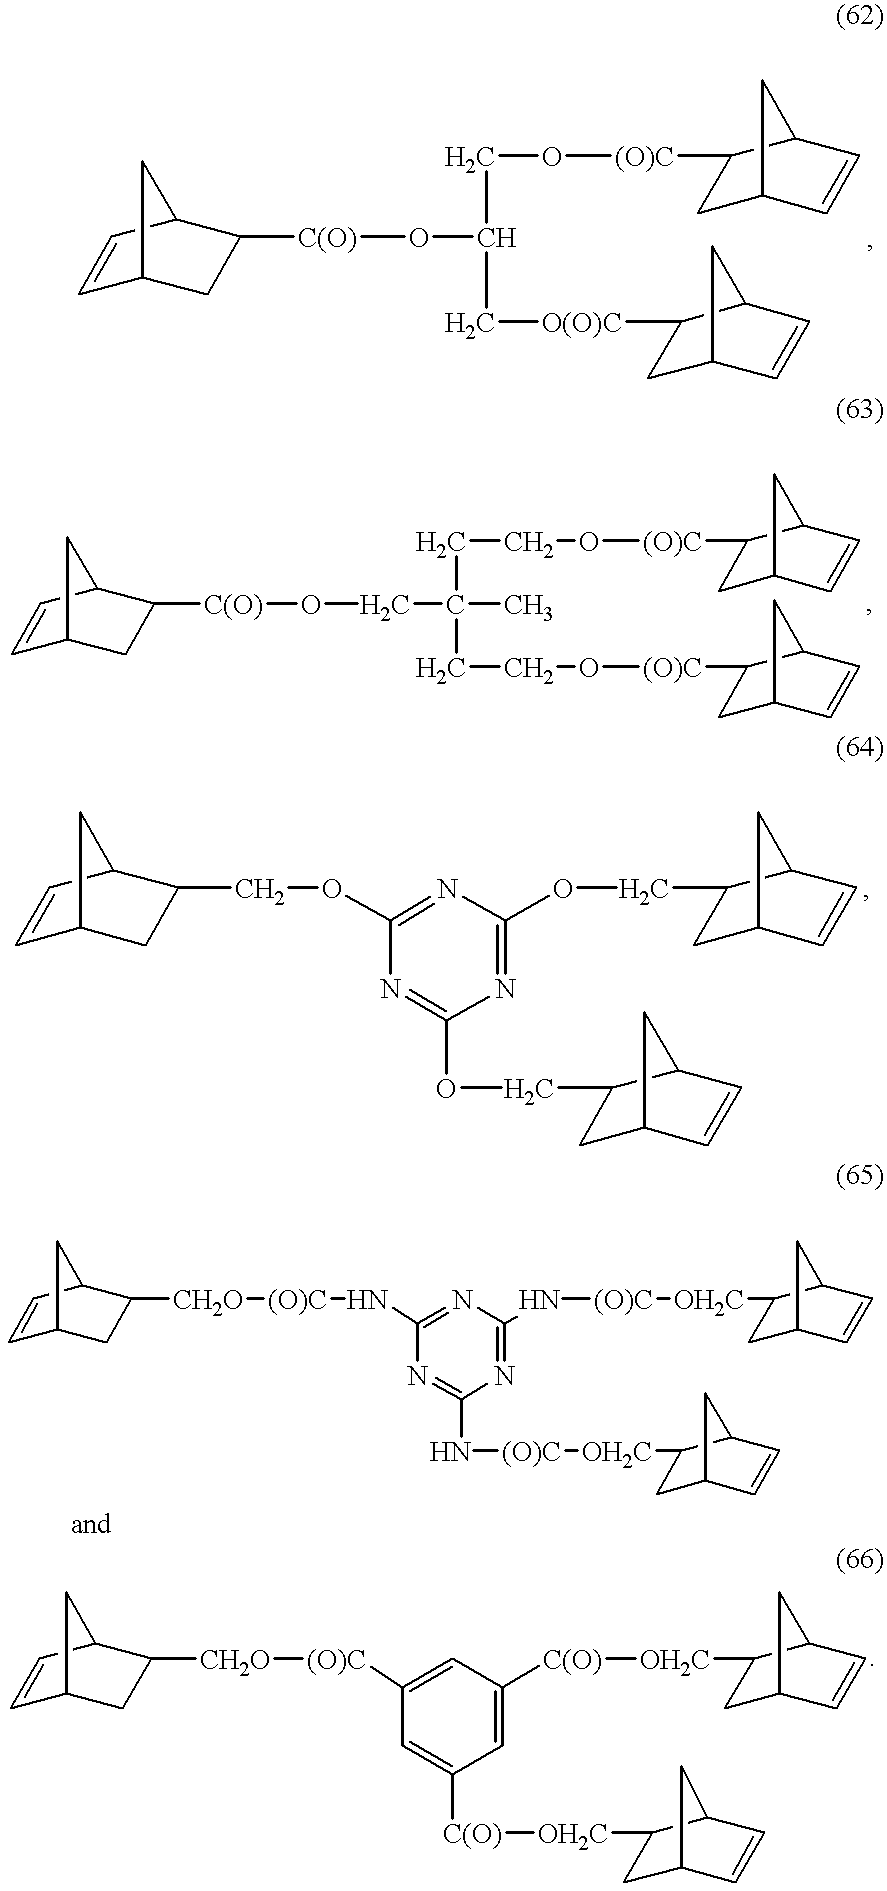 Figure US06281307-20010828-C00028